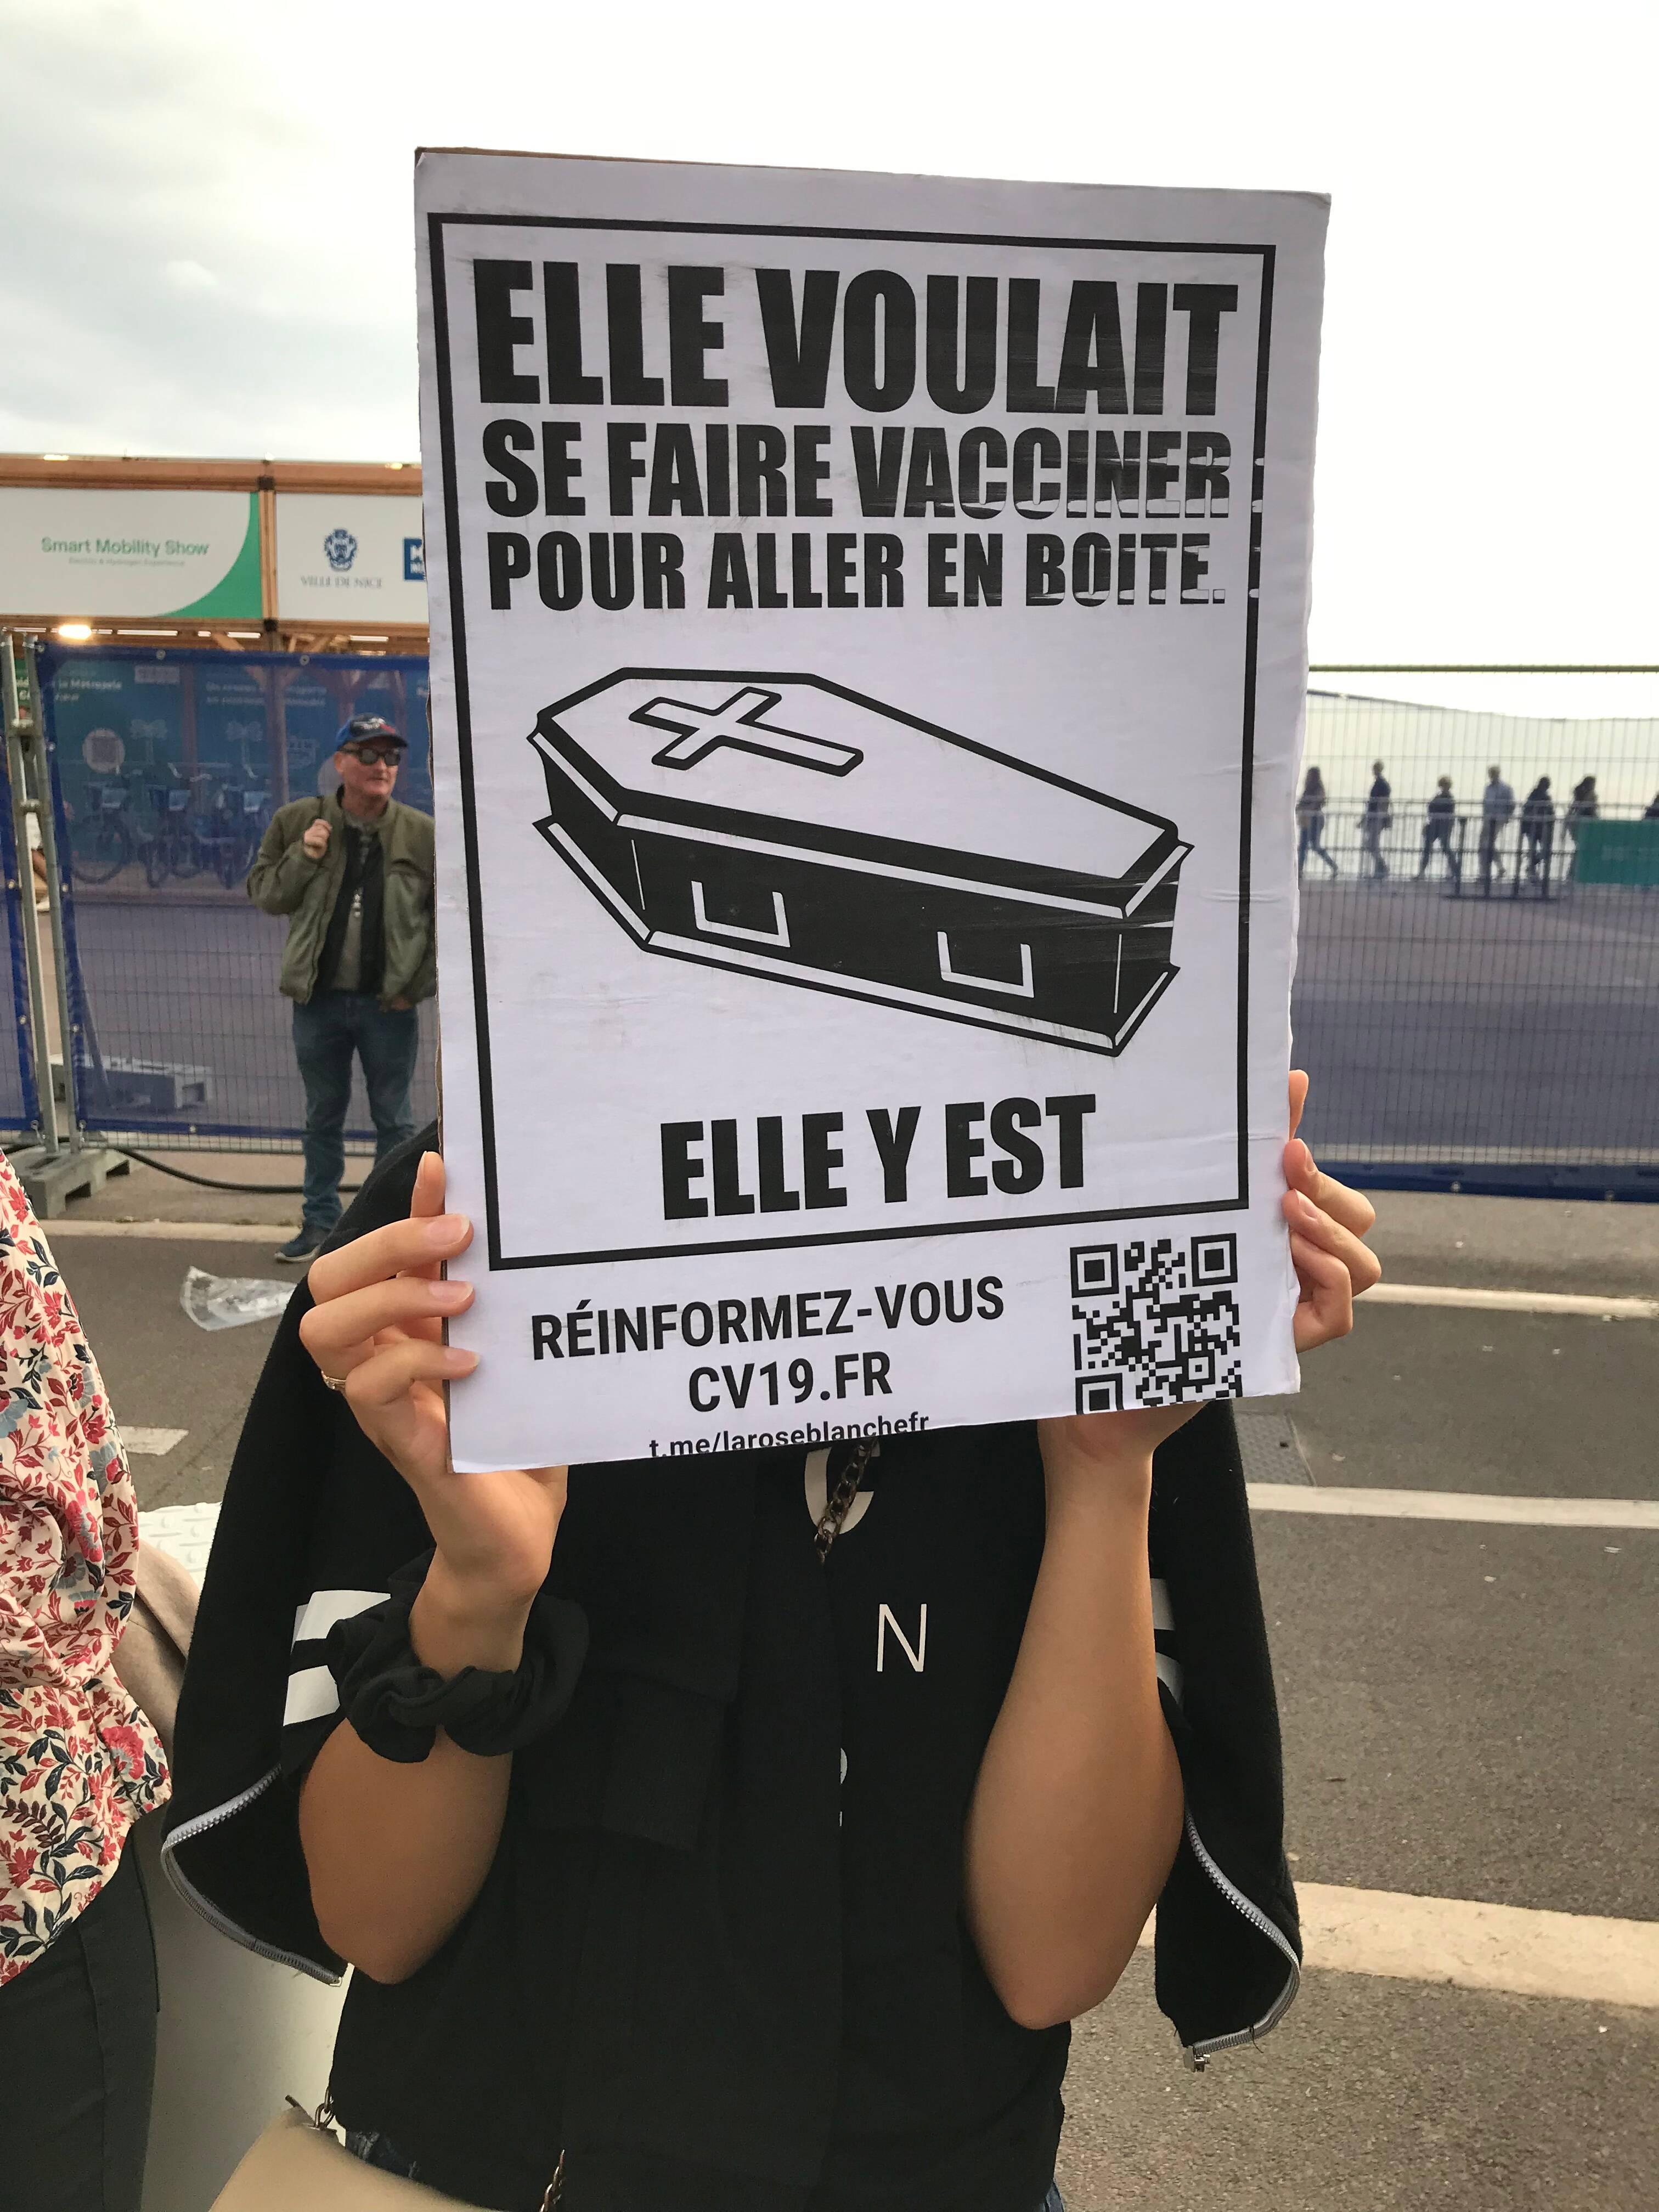 Quel est ce mouvement La Rose blanche dans les manifestations anti-pass et anti-vax?